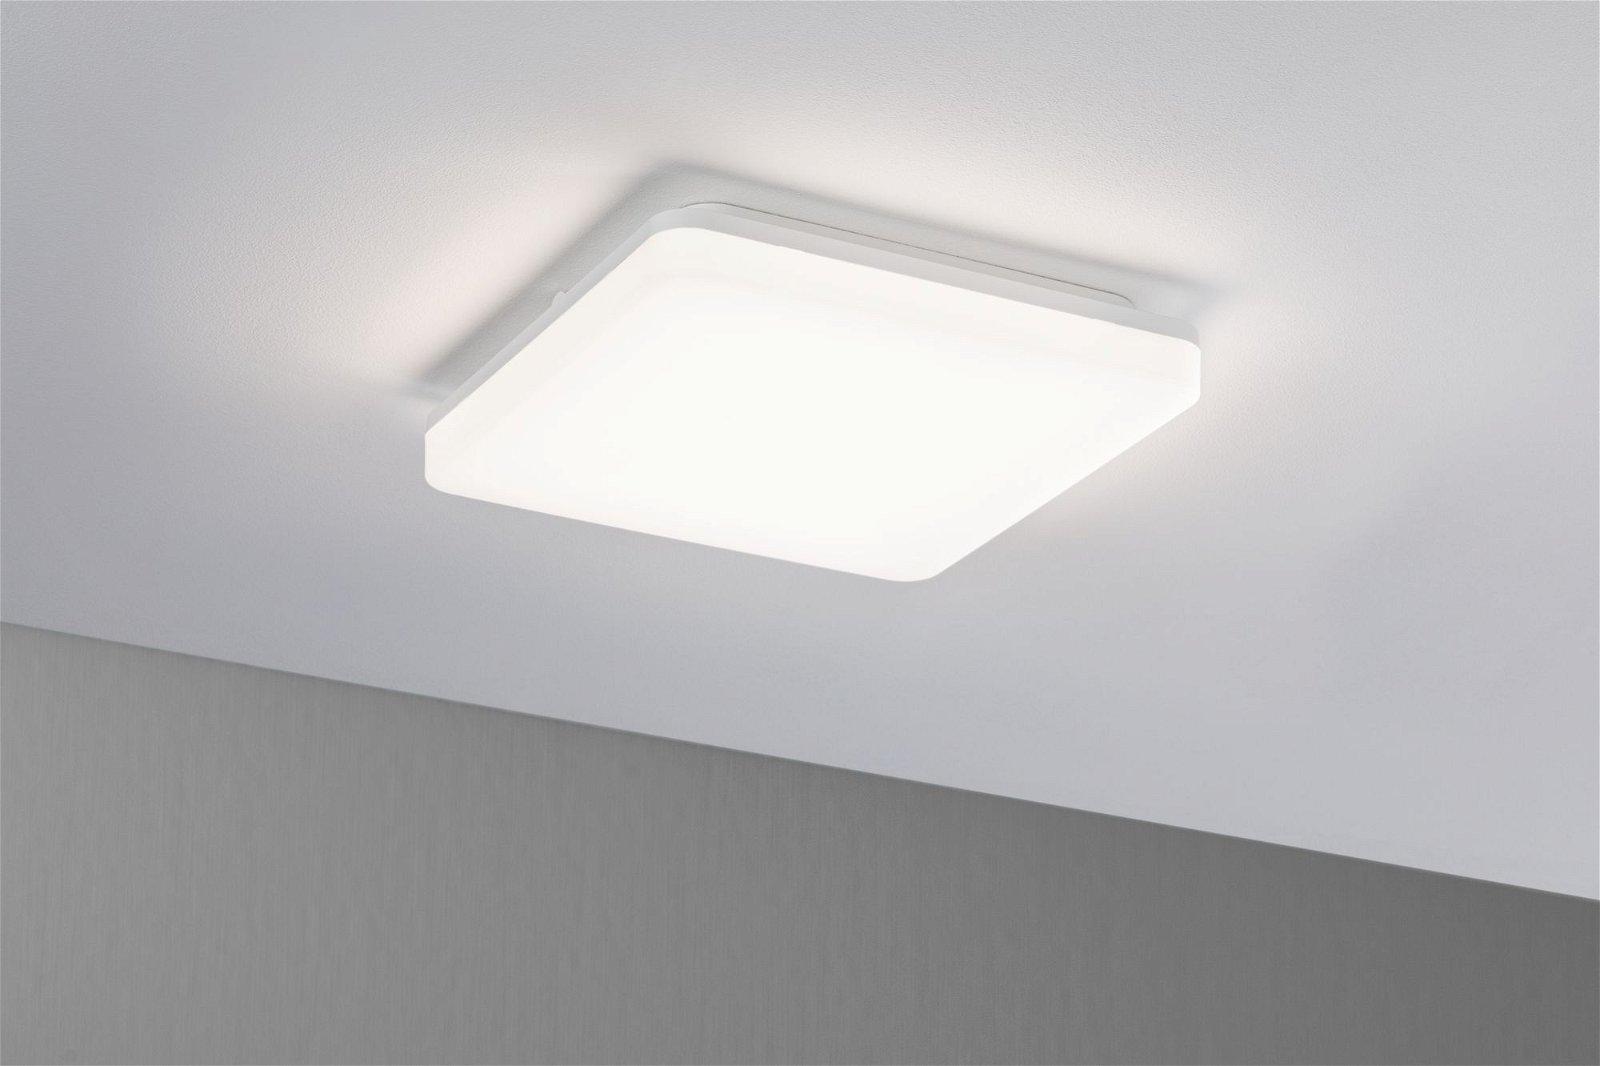 Panneau LED Cela IP44 carré 280x280mm 2200lm White Switch Blanc dépoli